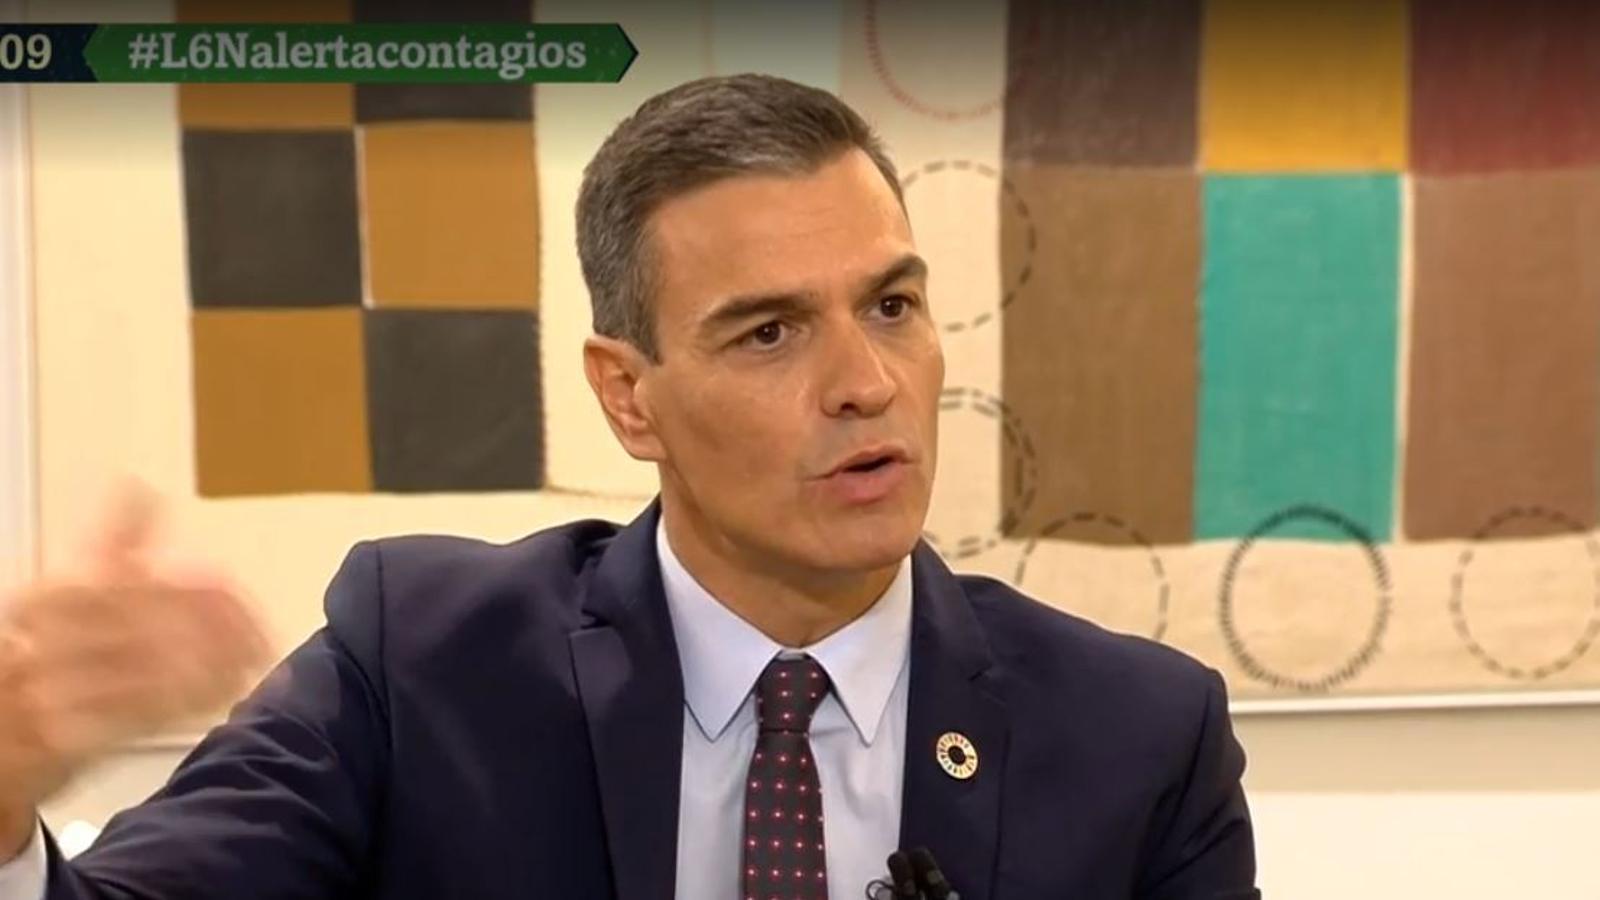 El president del govern espanyol, Pedro Sánchez, durant una entrevista a La Sexta Noche.